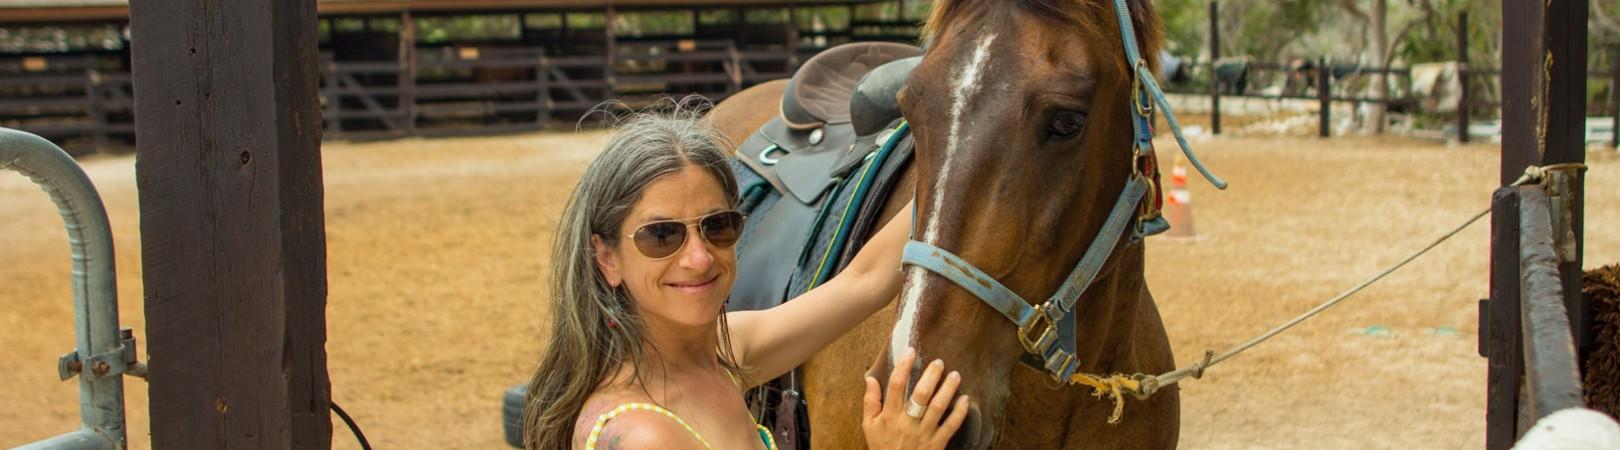 Turks-and-Caicos-Horseback-Tours